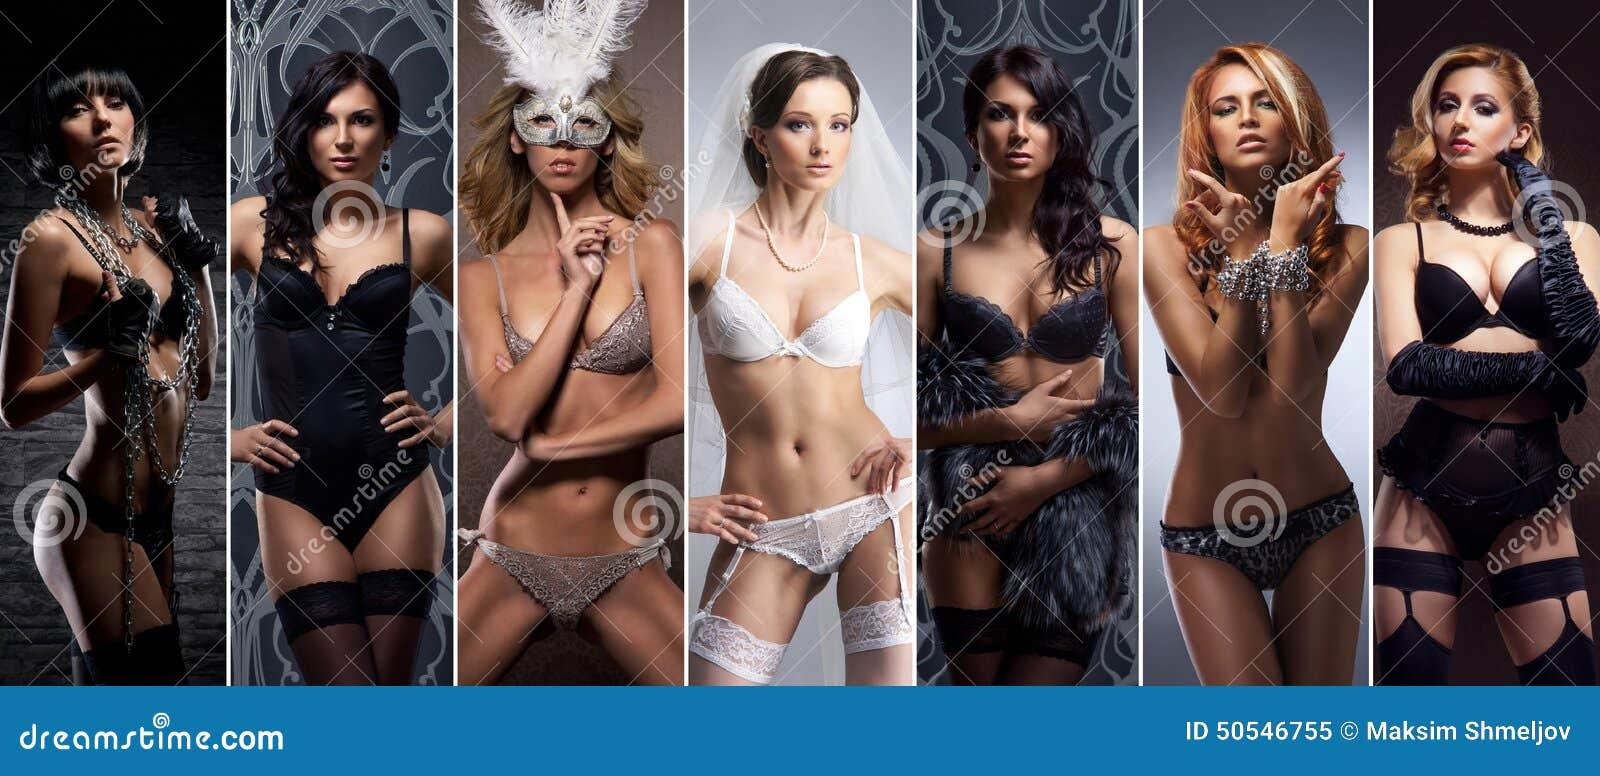 Фото эротичных девушек в белье, порно онлайн ежедневное